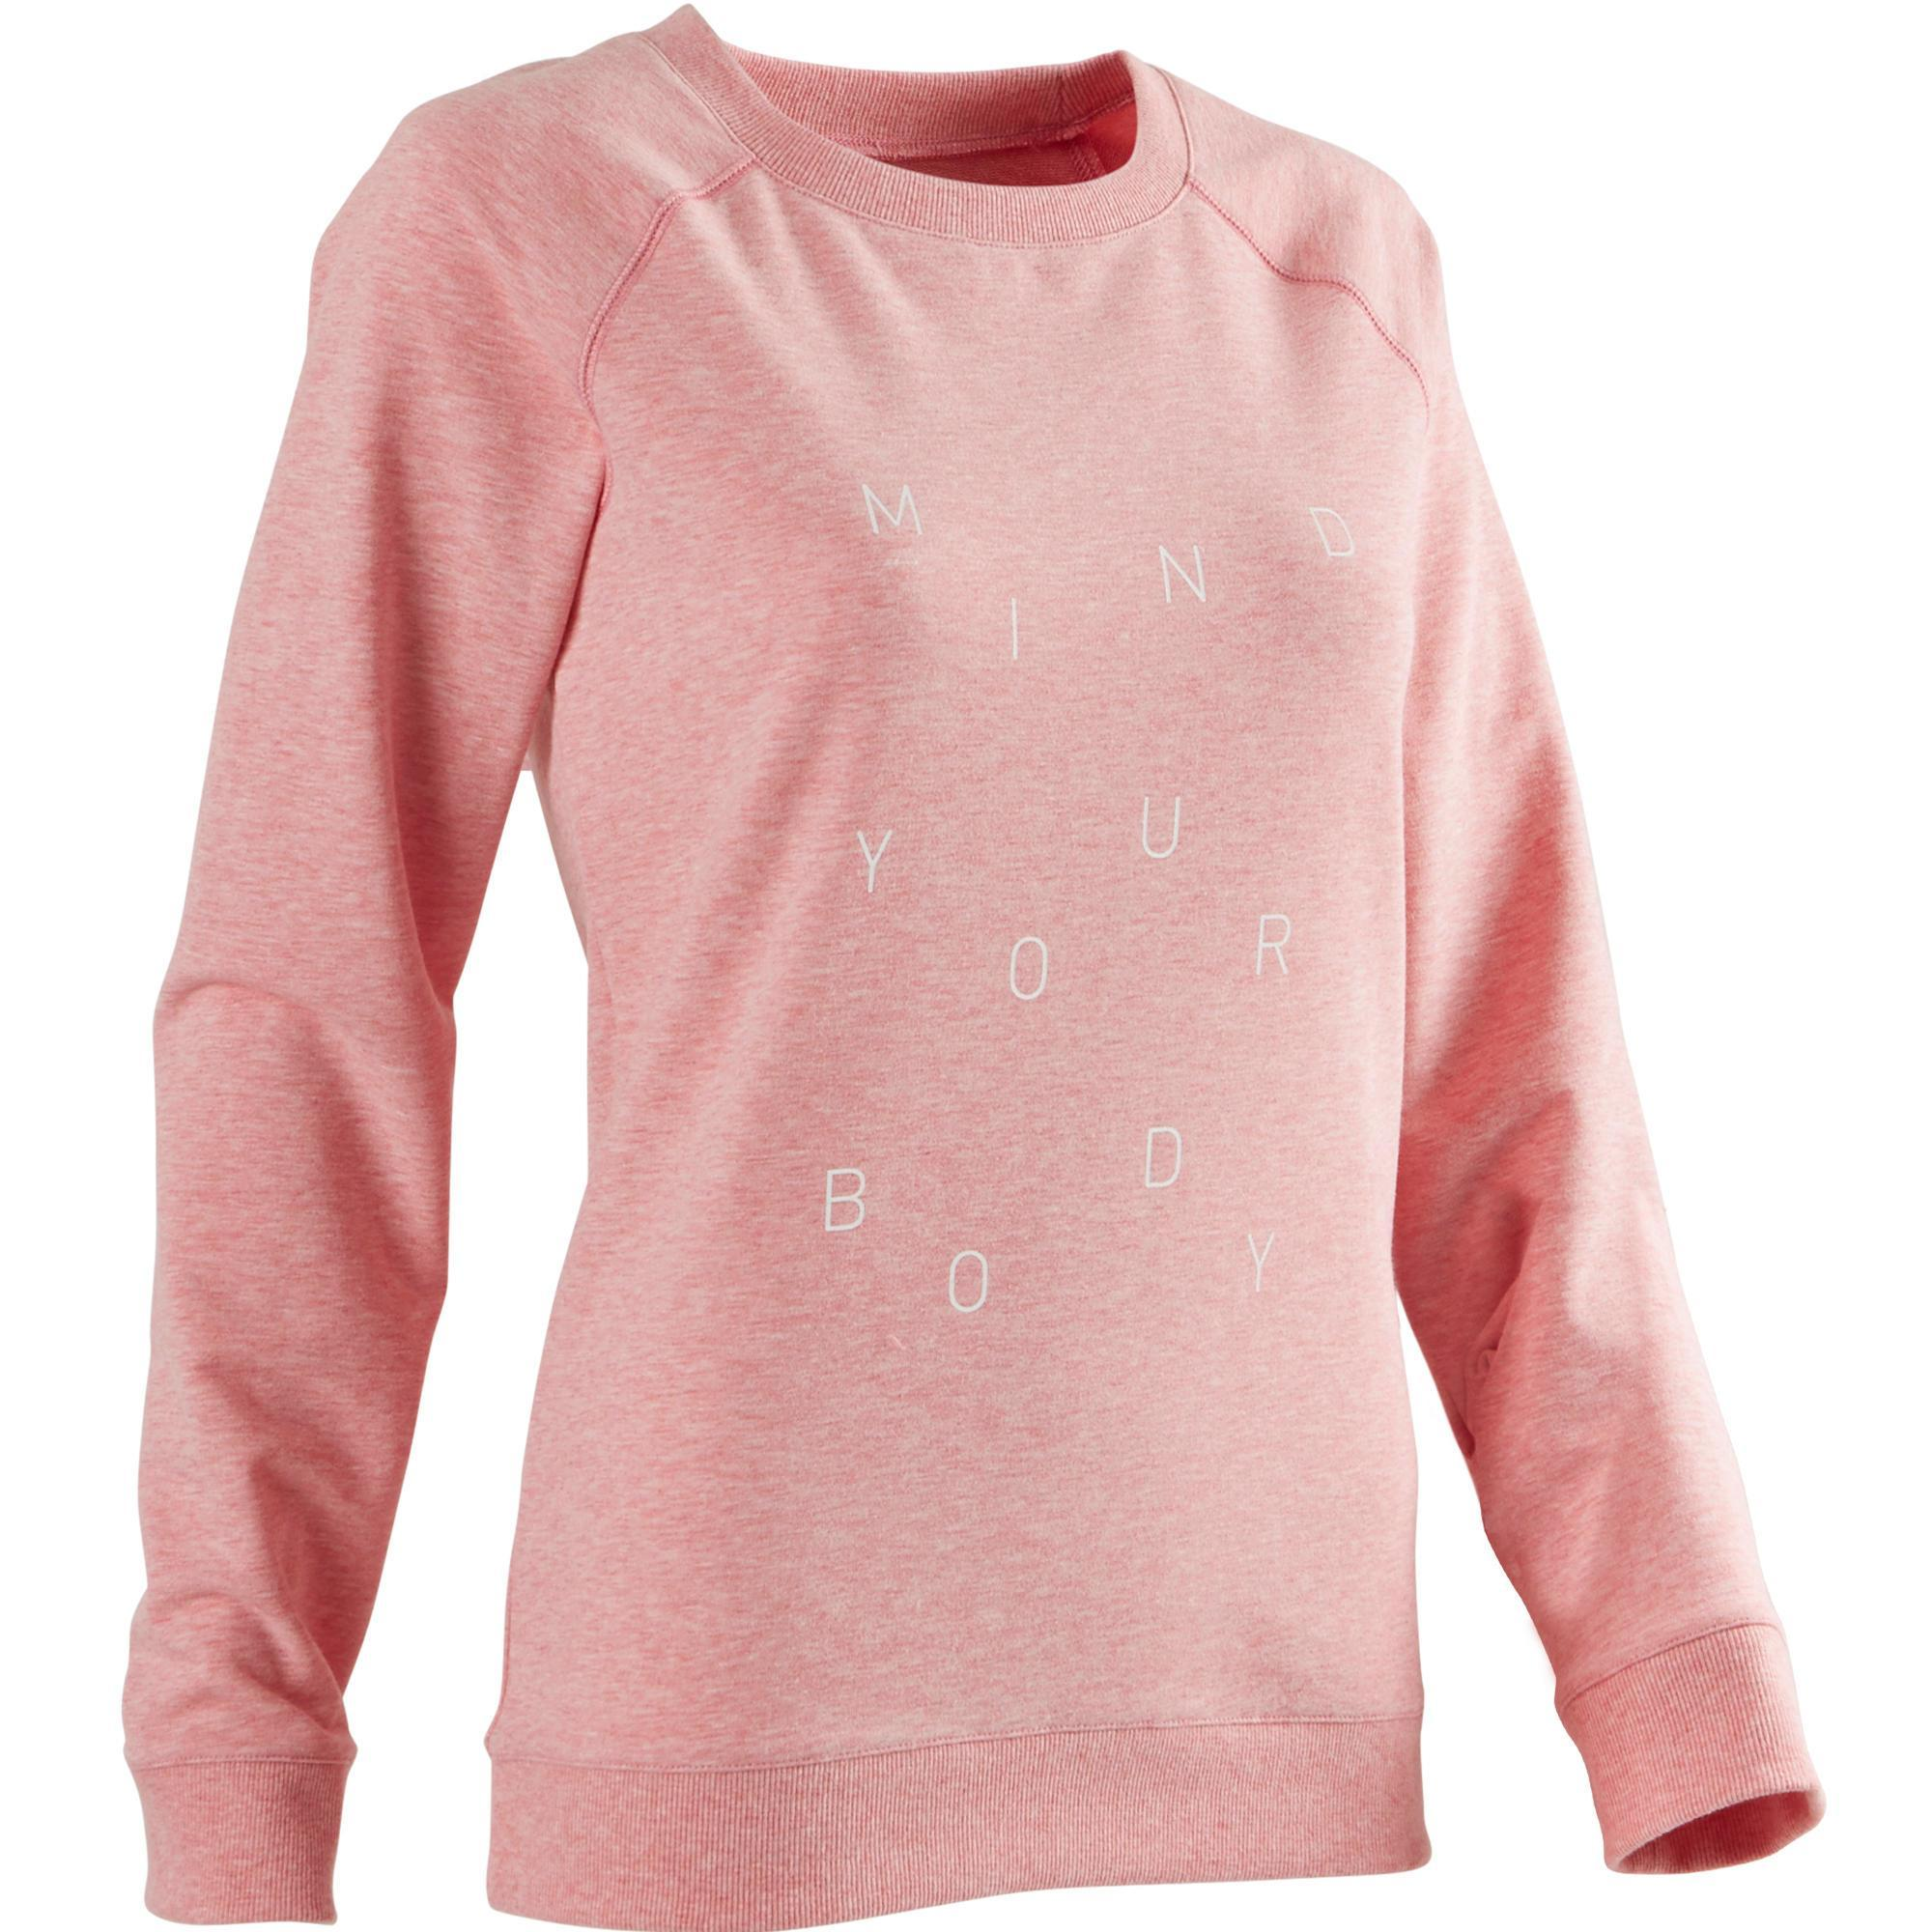 Domyos Damessweater 500 voor pilates of lichte gym roze met opdruk